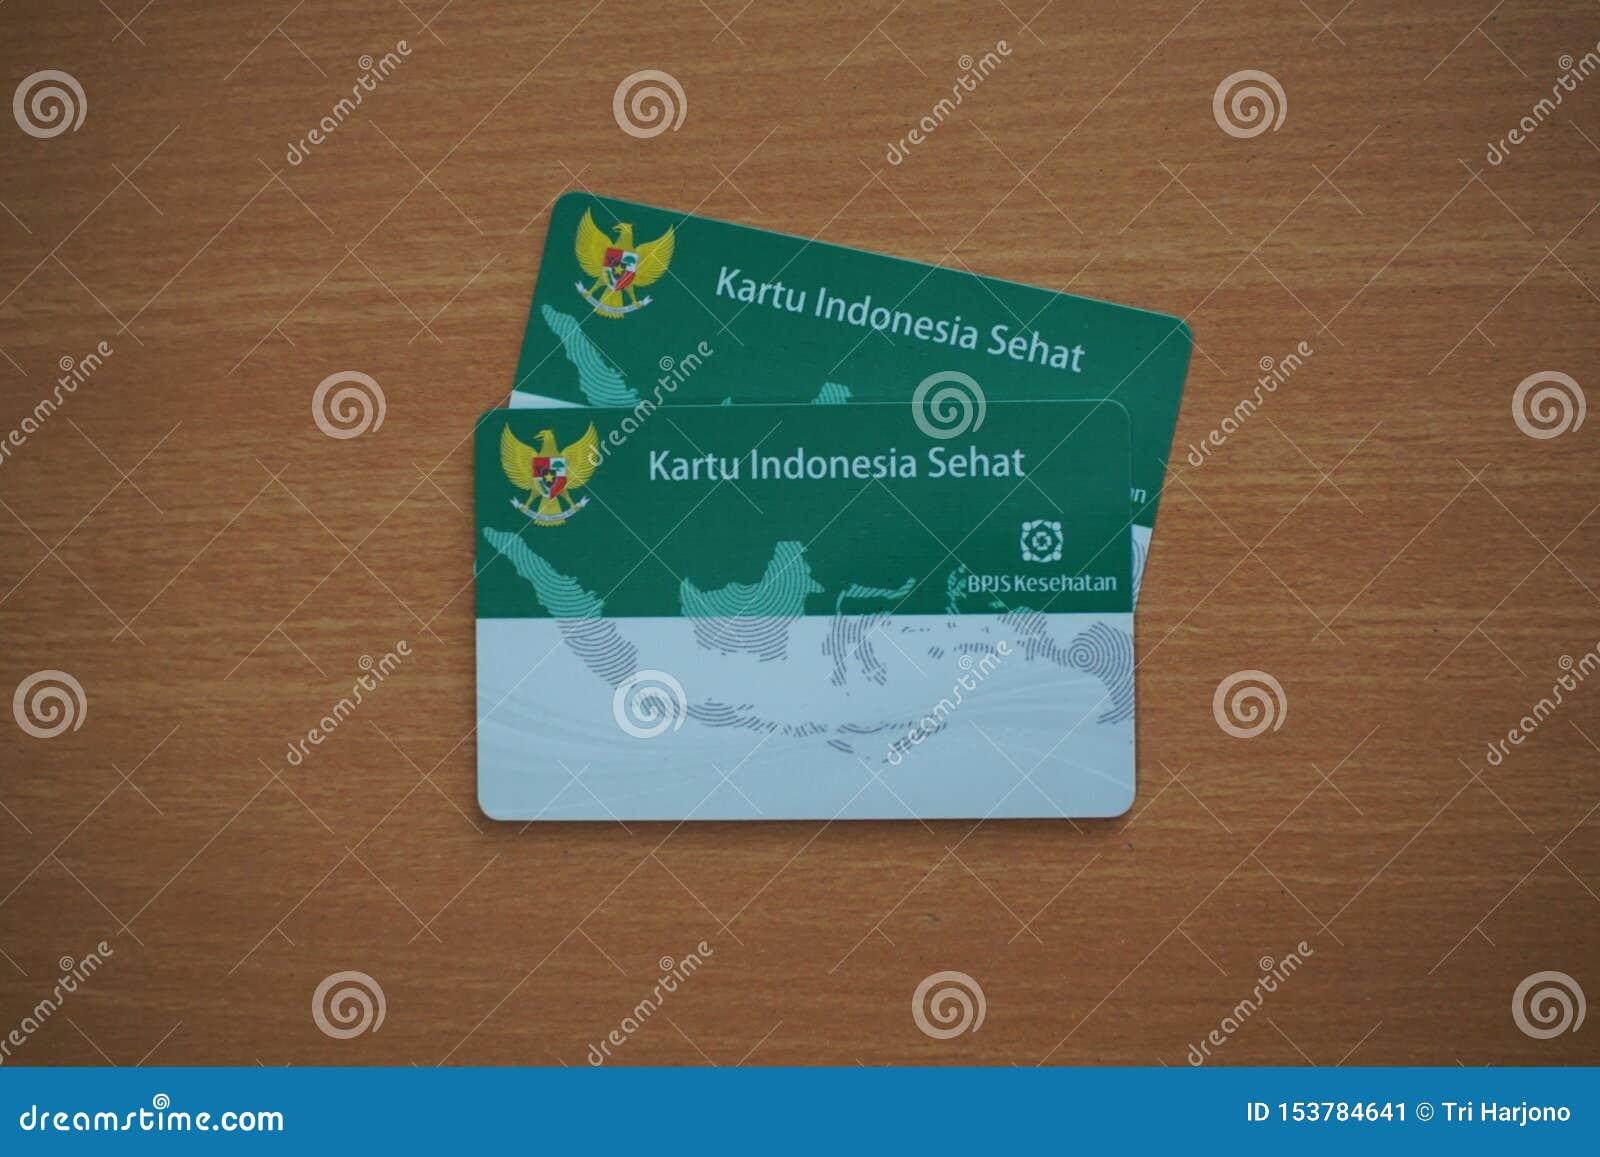 Due Kartu Indonesia Sehat o KIS (carta dell assicurazione malattia di governo dell Indonesia) su una tavola di legno